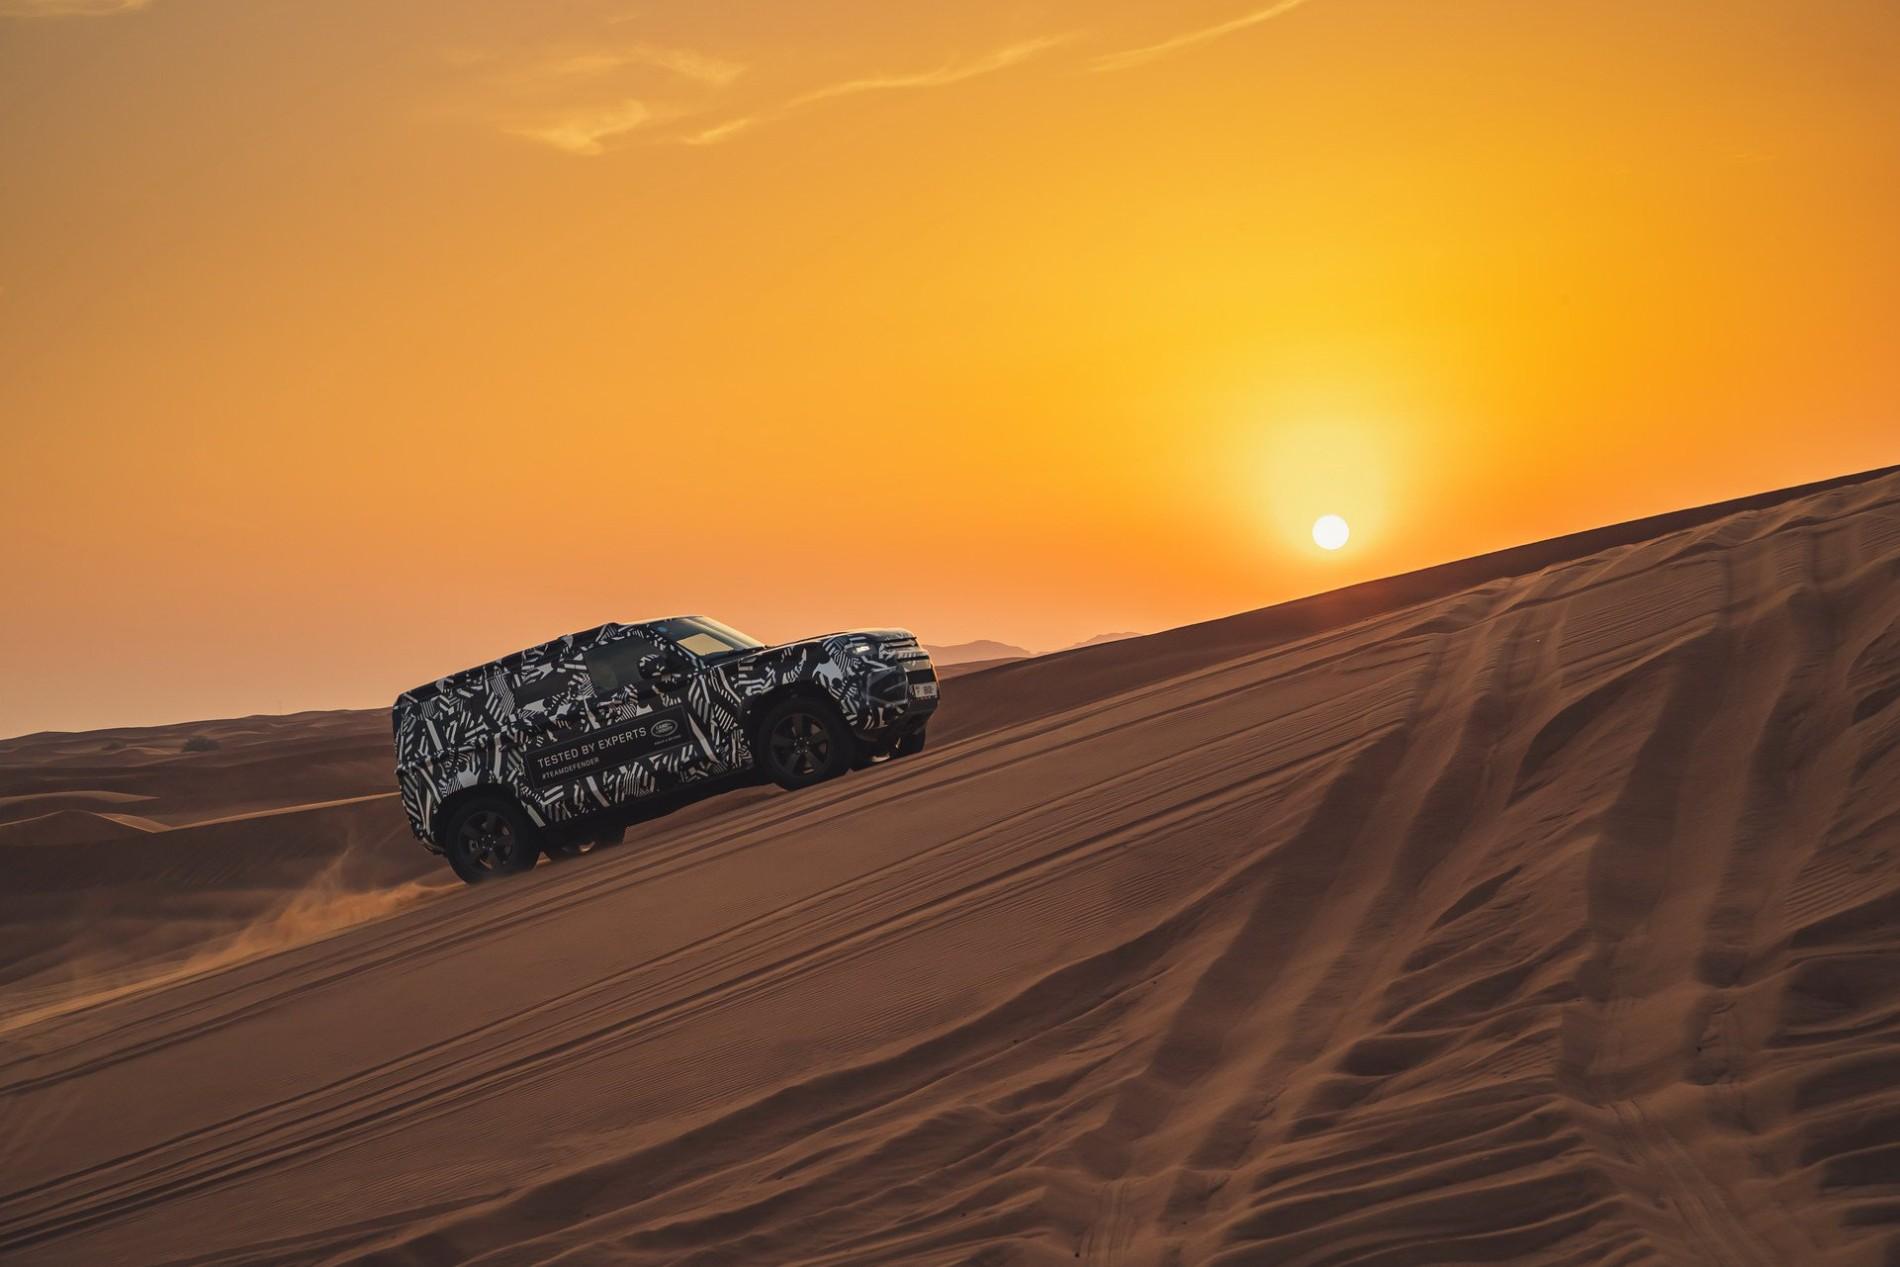 Land Rover Defender - Land Rover Defender